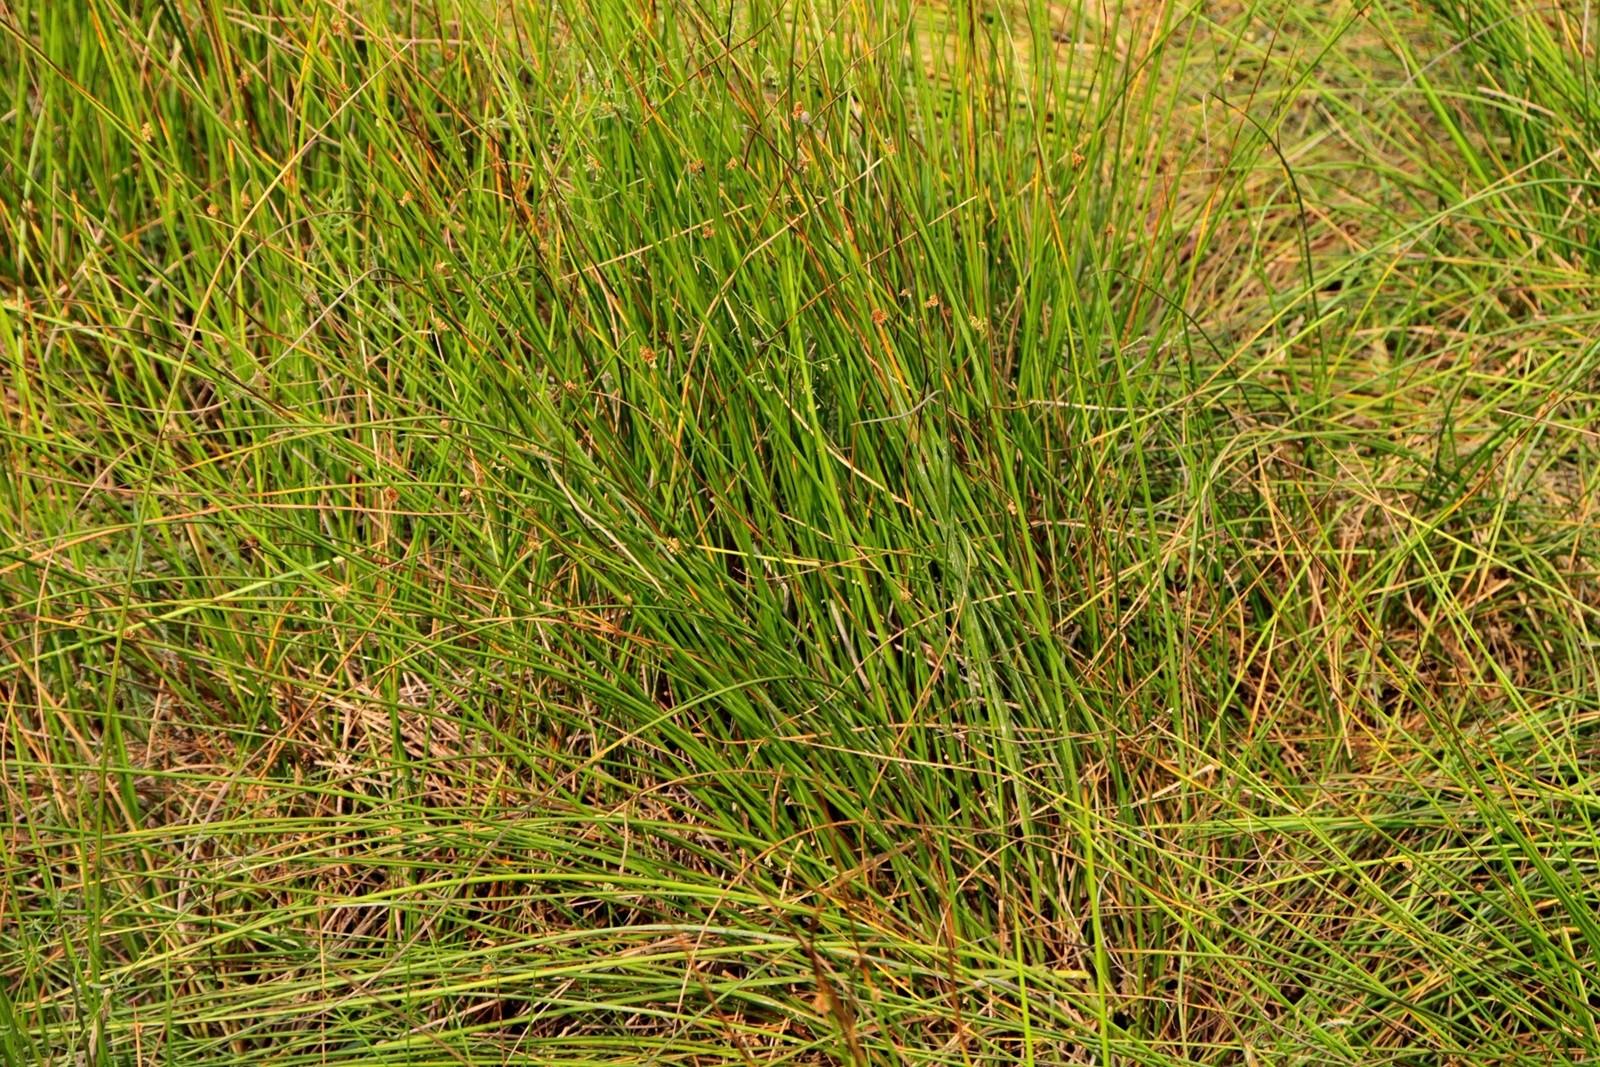 หญ้าแฝก ... หญ้าอัศจรรย์สำหรับเกษตรกร